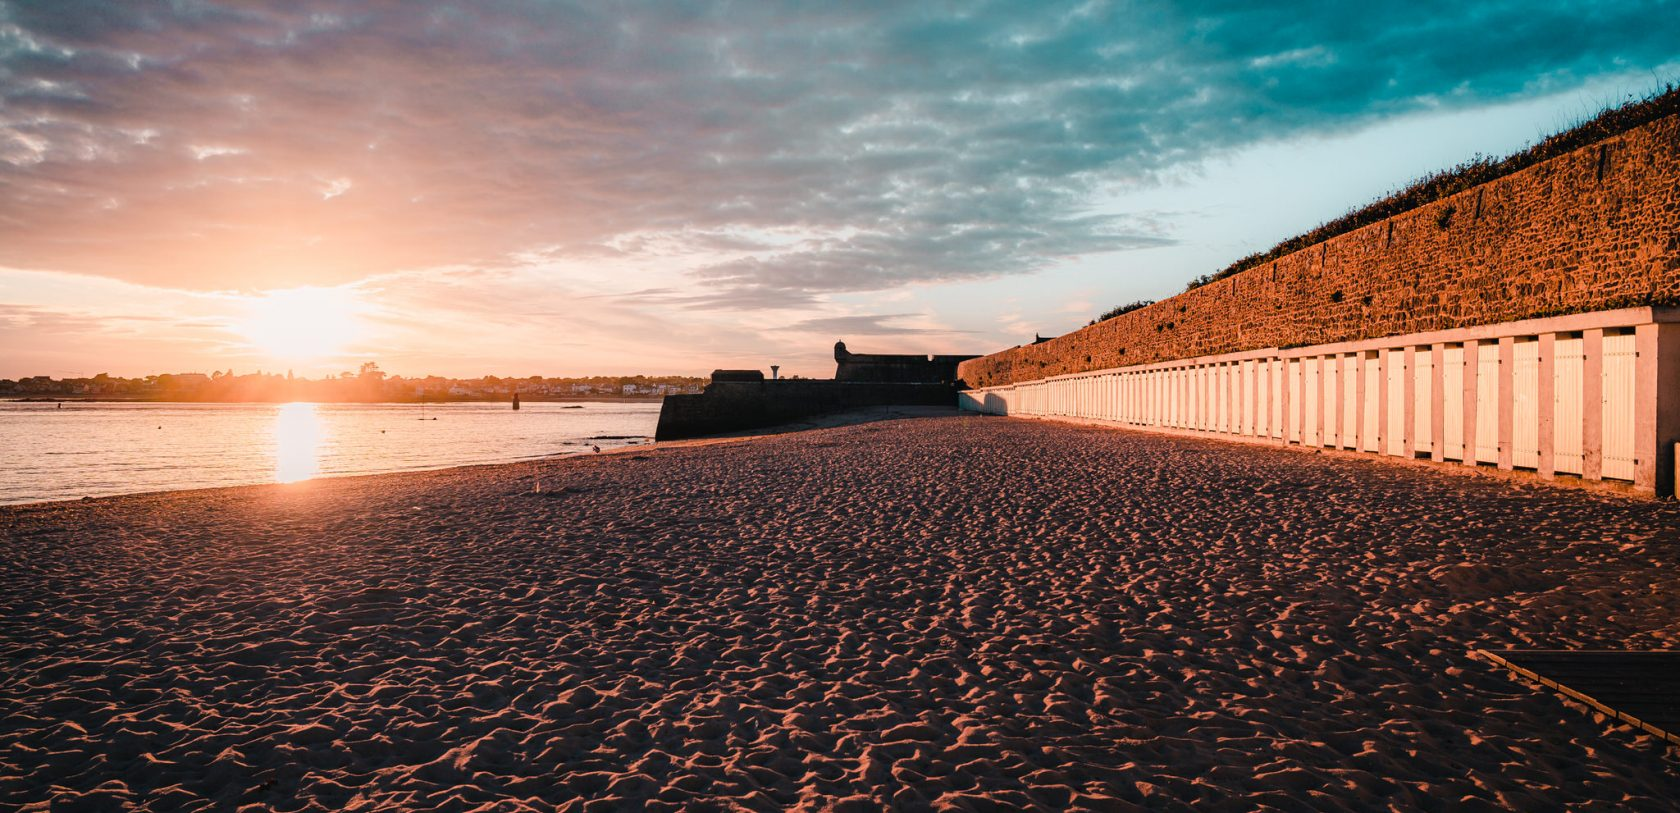 Port-Louis, coucher de soleil sur la grande plage avec ses cabines